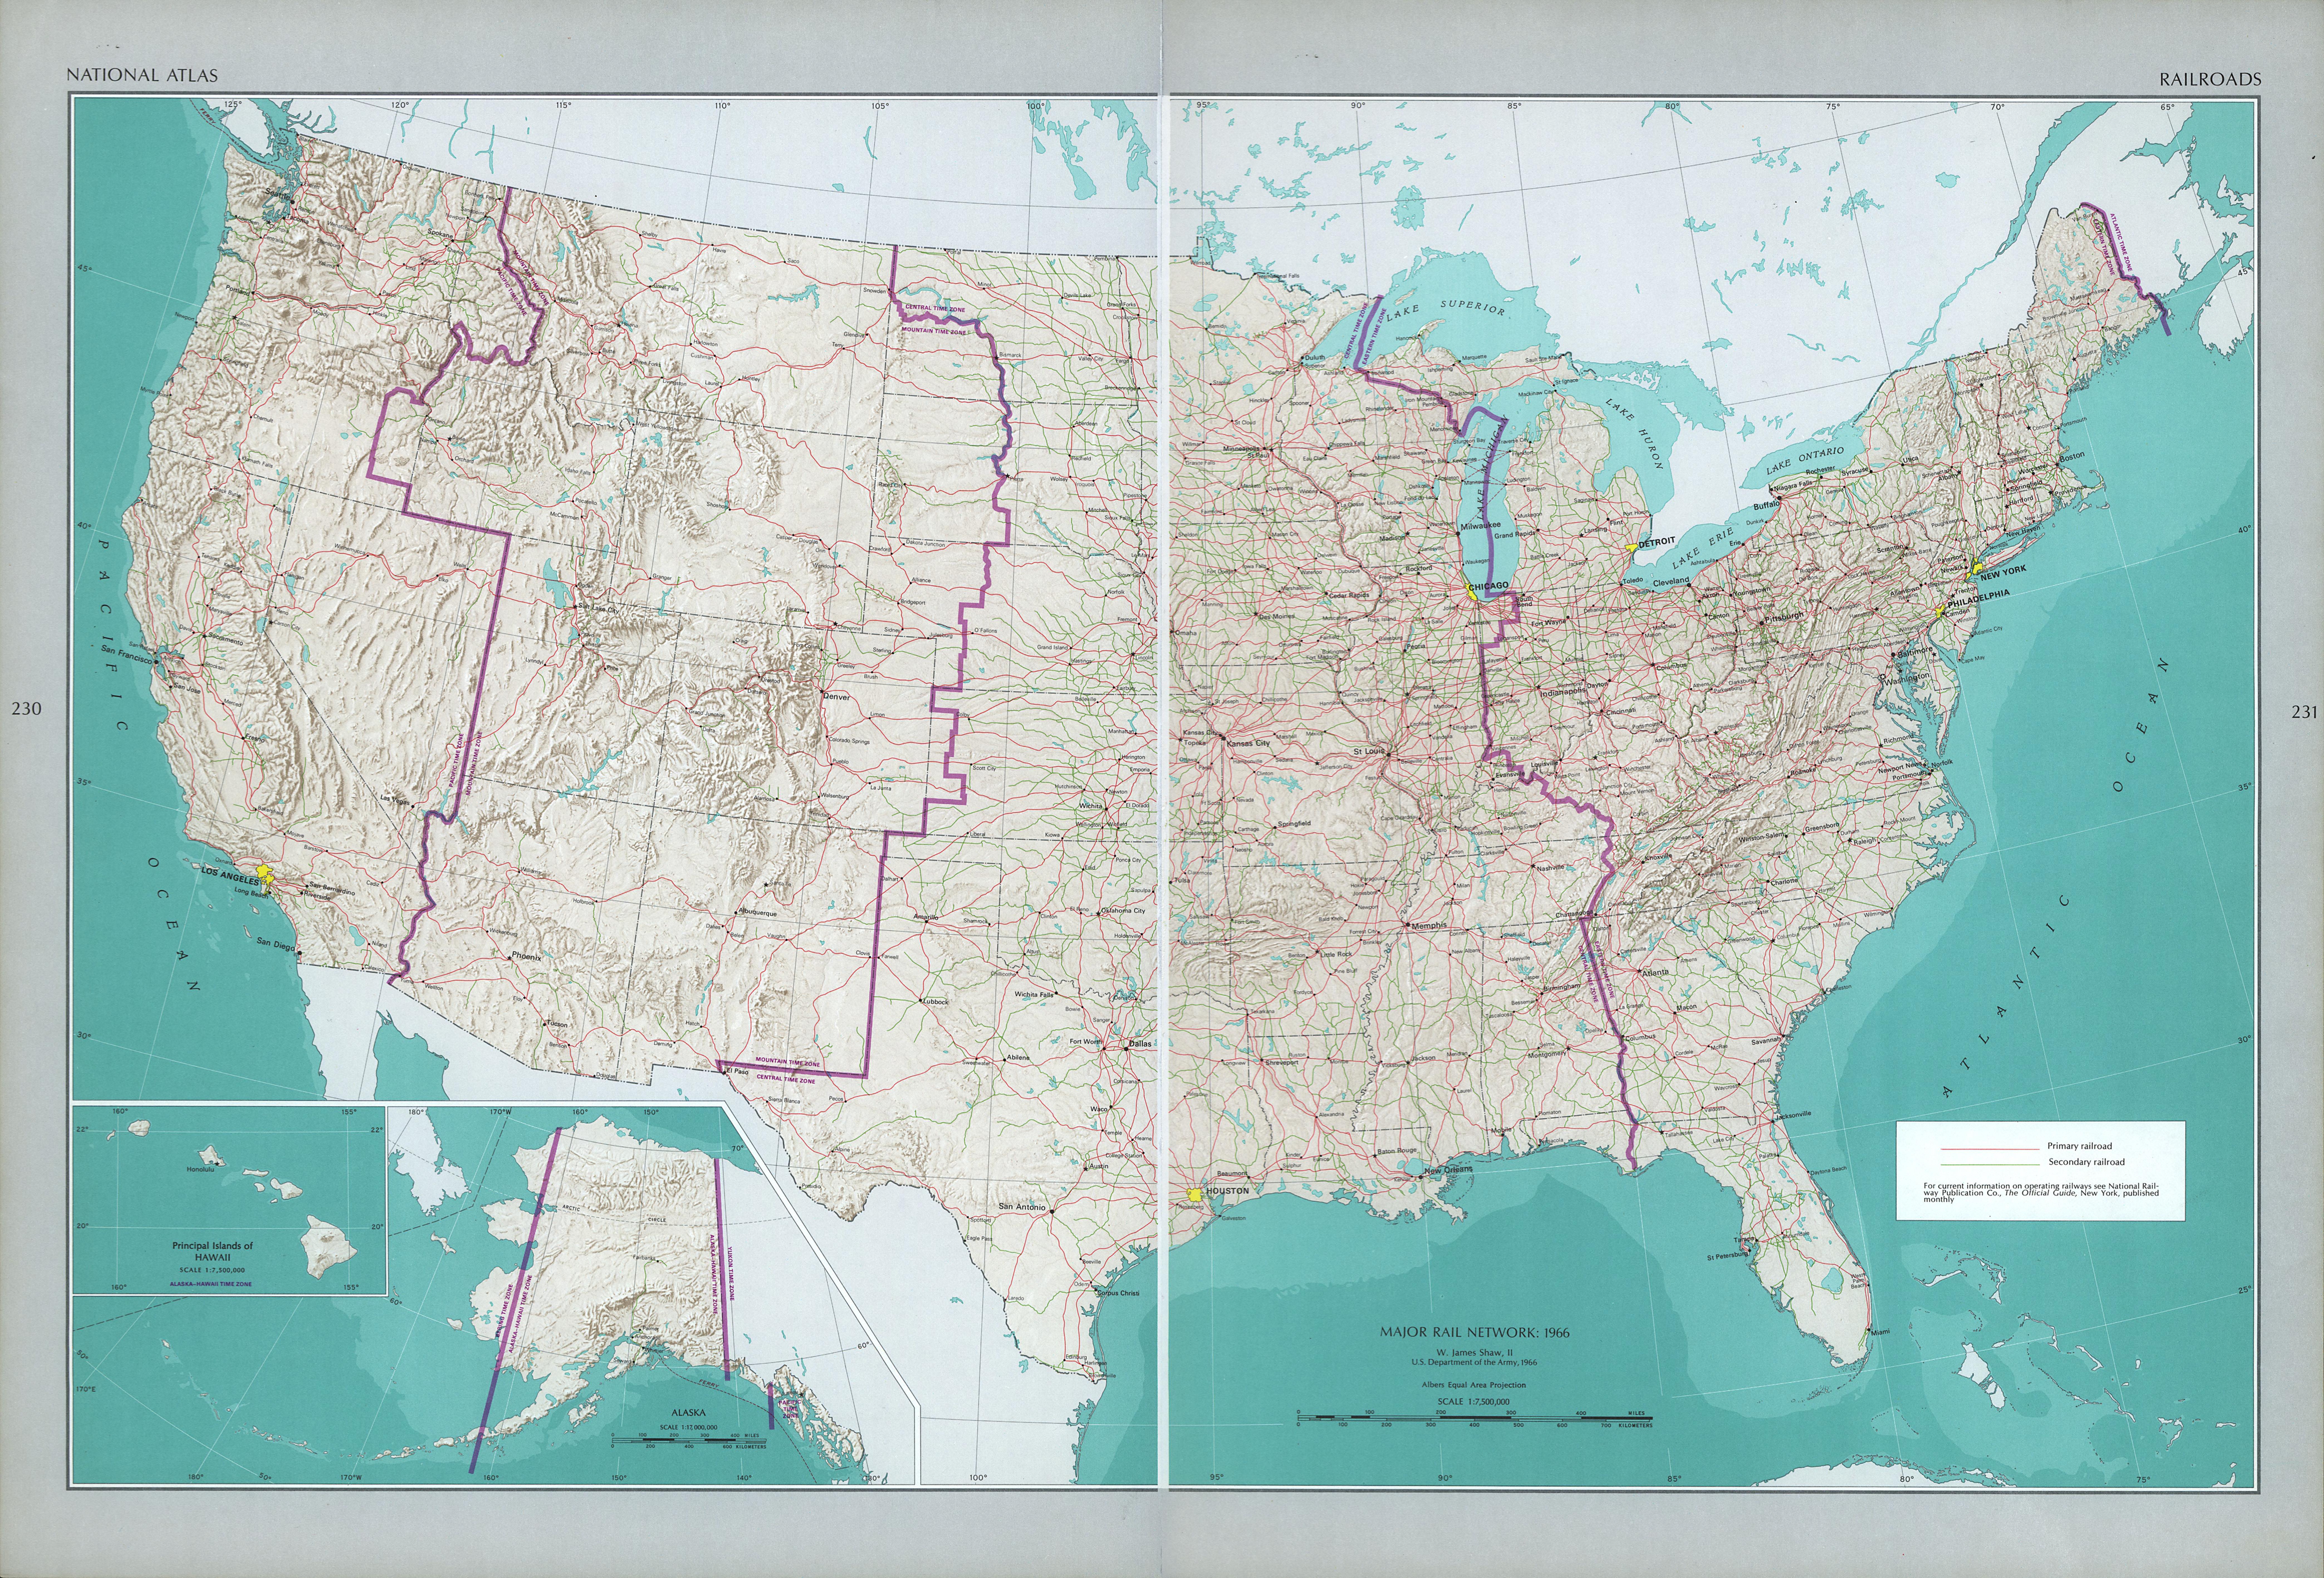 Mapa Ferroviario de los Estados Unidos